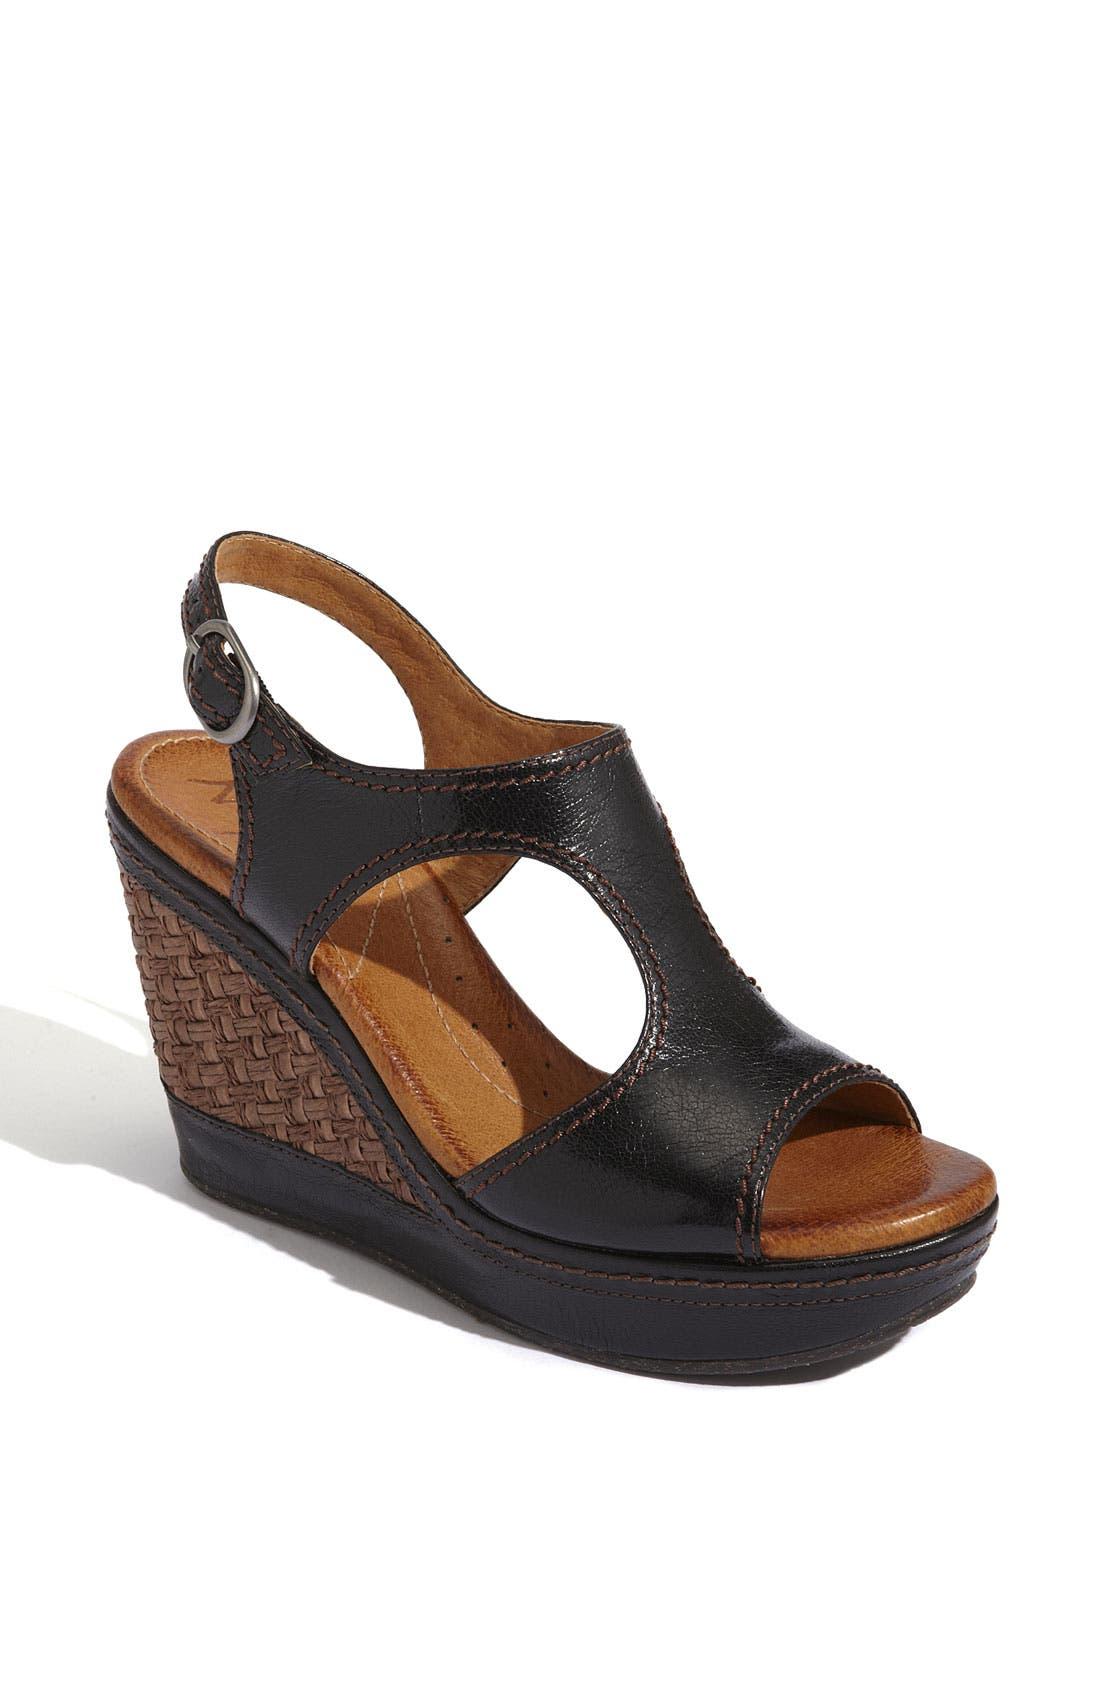 Main Image - Naya 'Eternal' Sandal